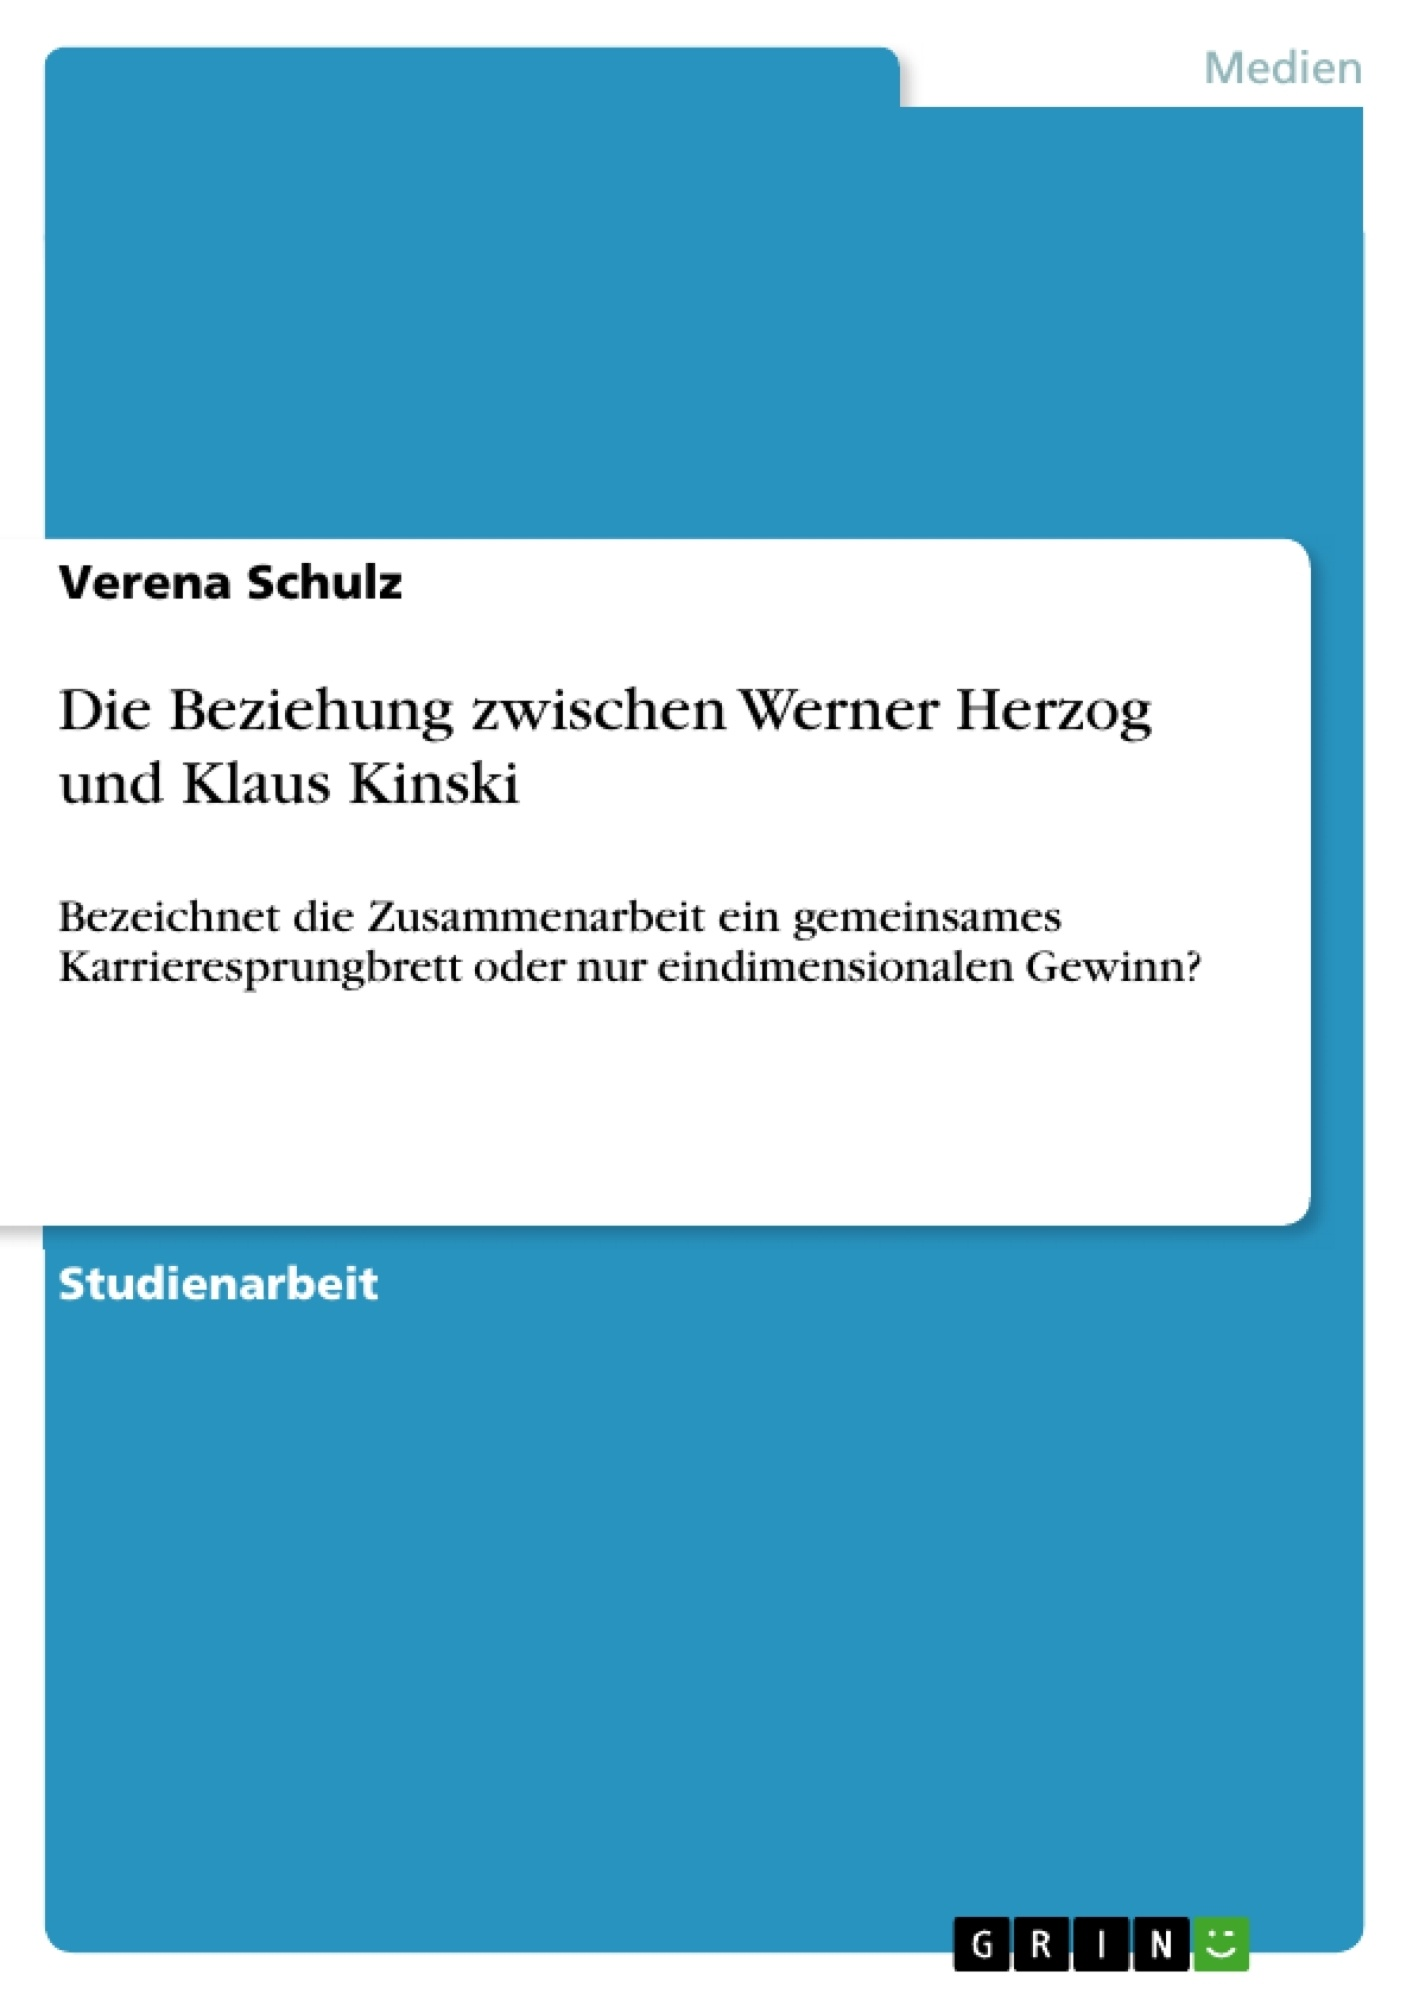 Titel: Die Beziehung zwischen Werner Herzog und Klaus Kinski